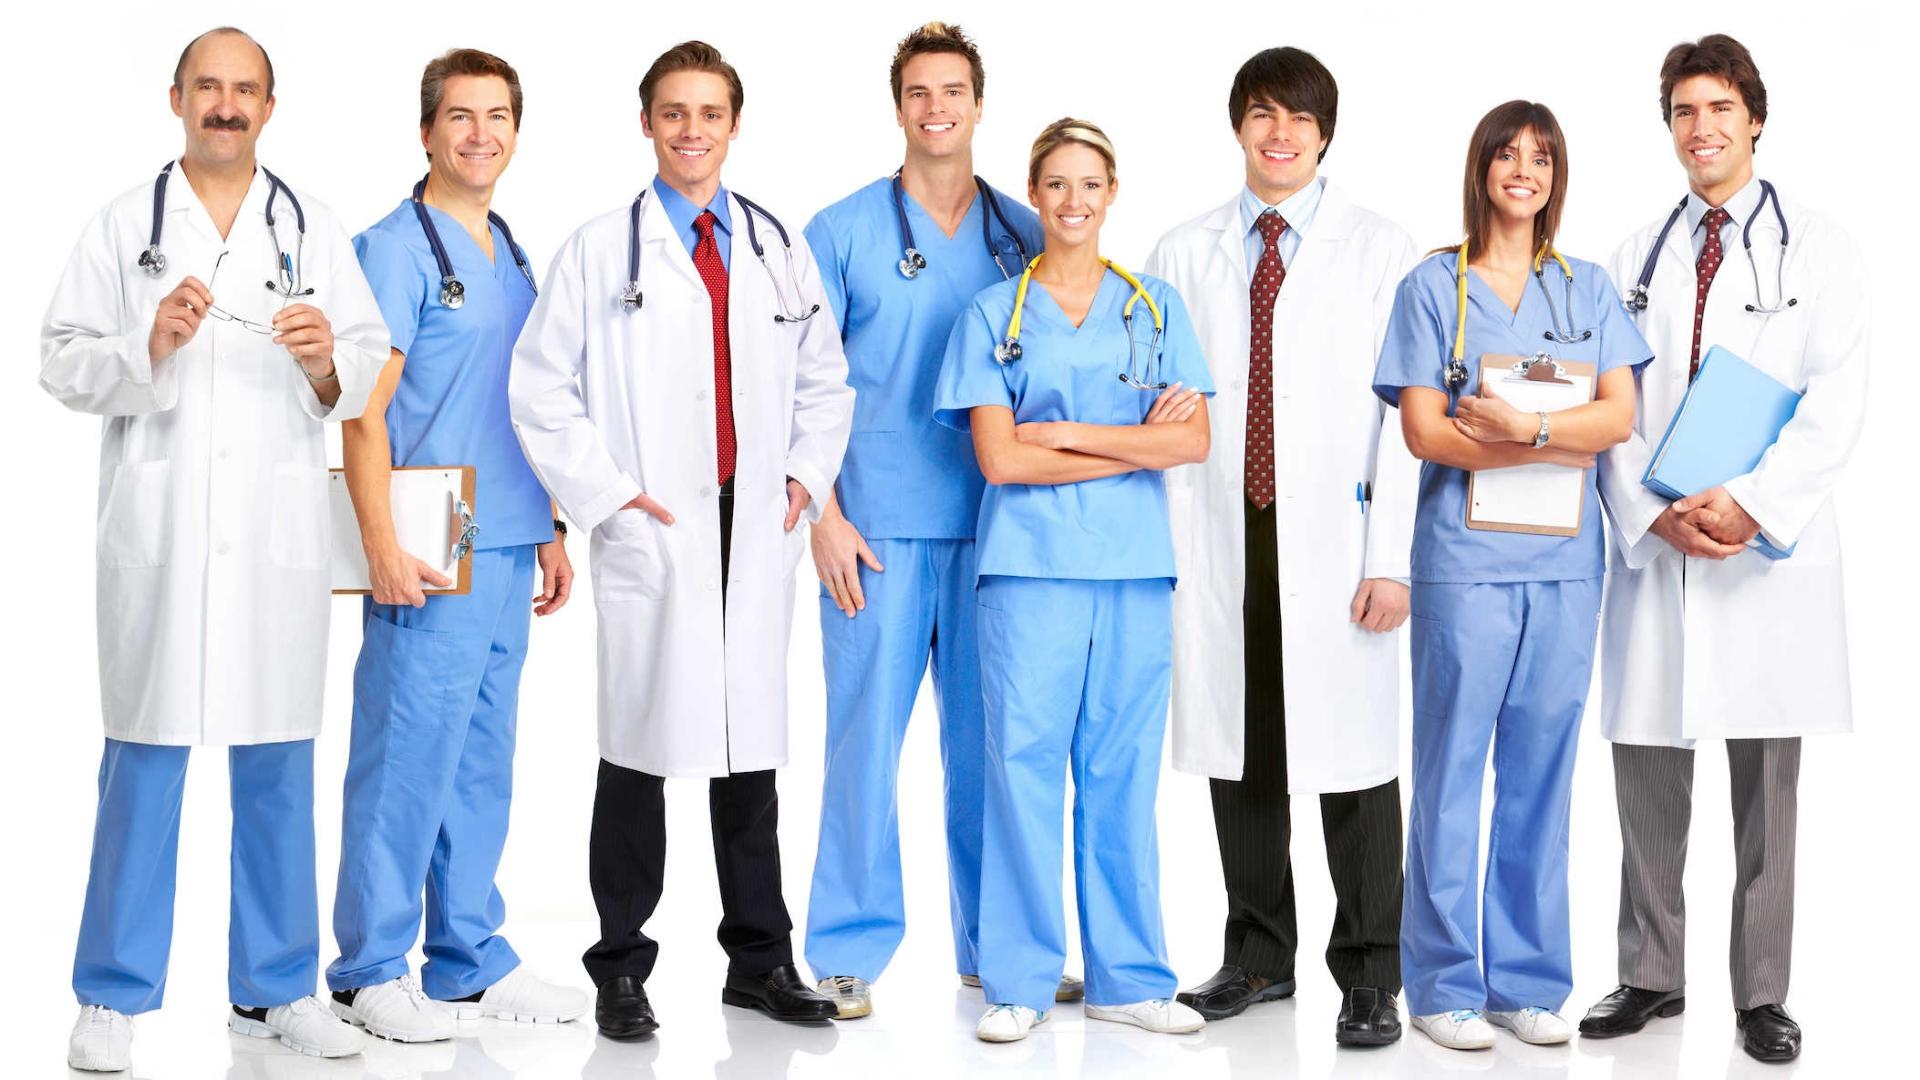 Manajemen Sumber Daya Manusia Rumah Sakit